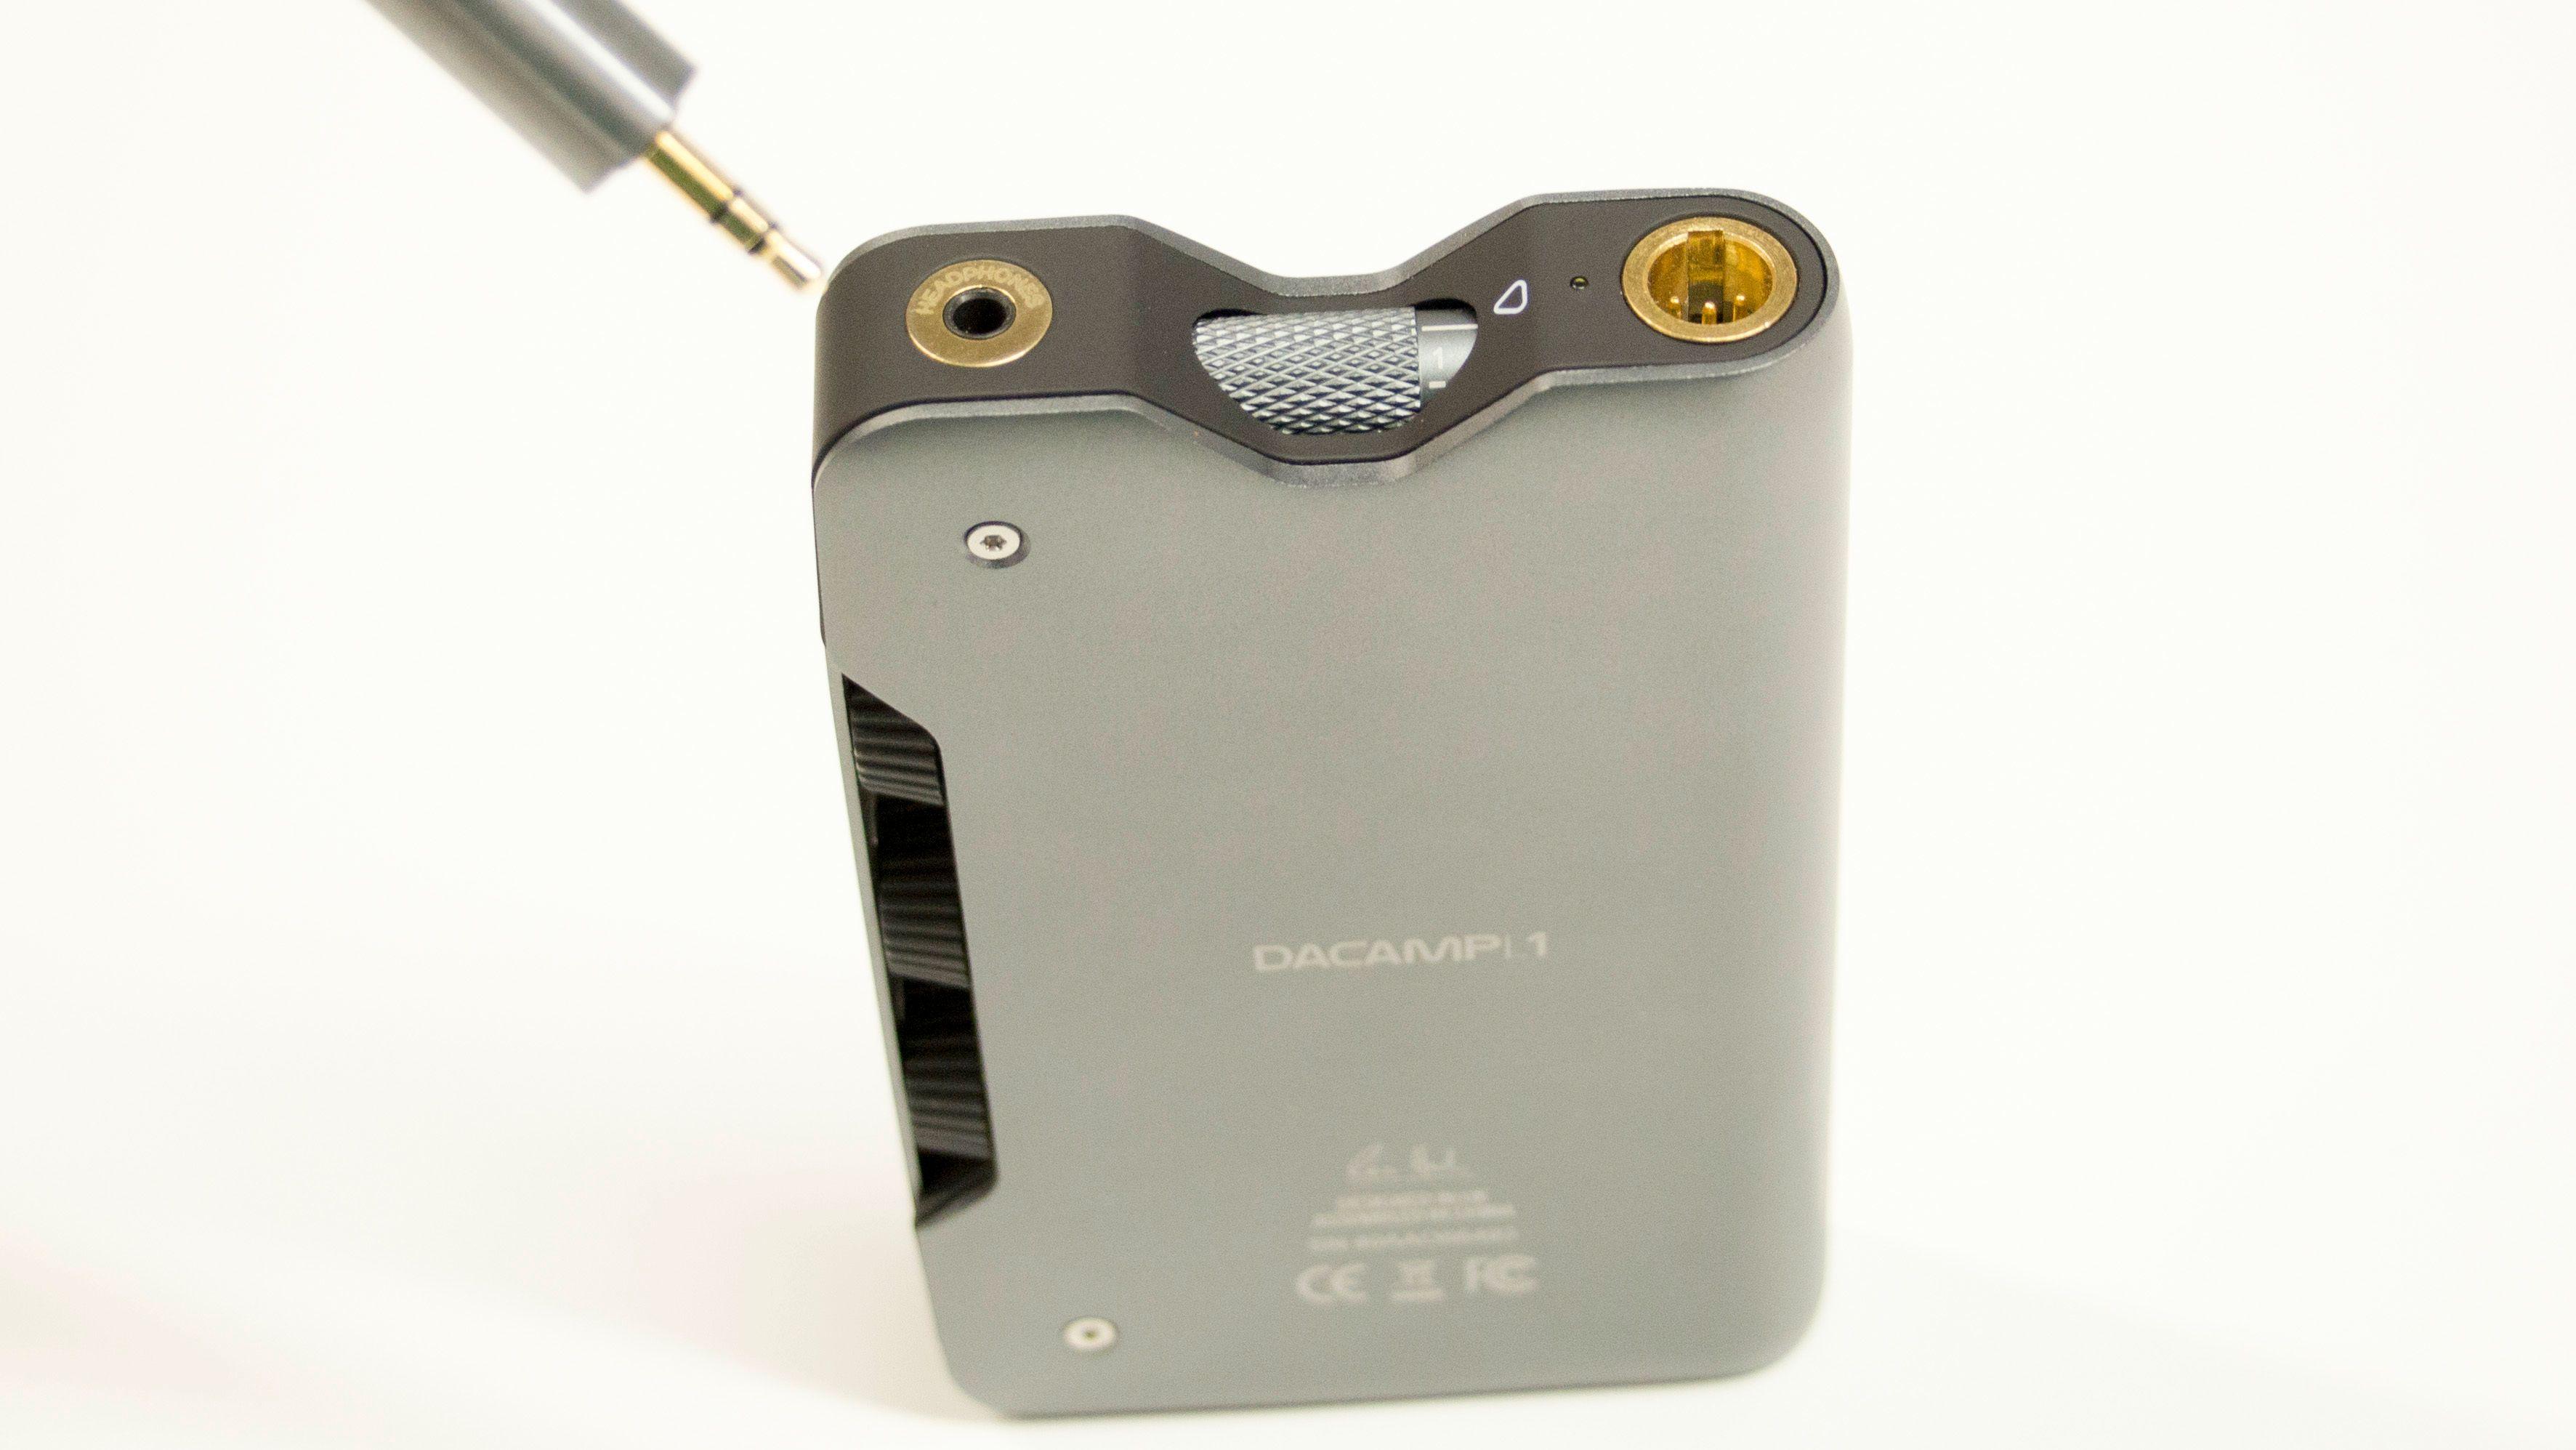 Du kan velge mellom minijack eller mini-XLR for å koble til hodetelefonene dine. Legg også merke til volum-hjulet i midten.